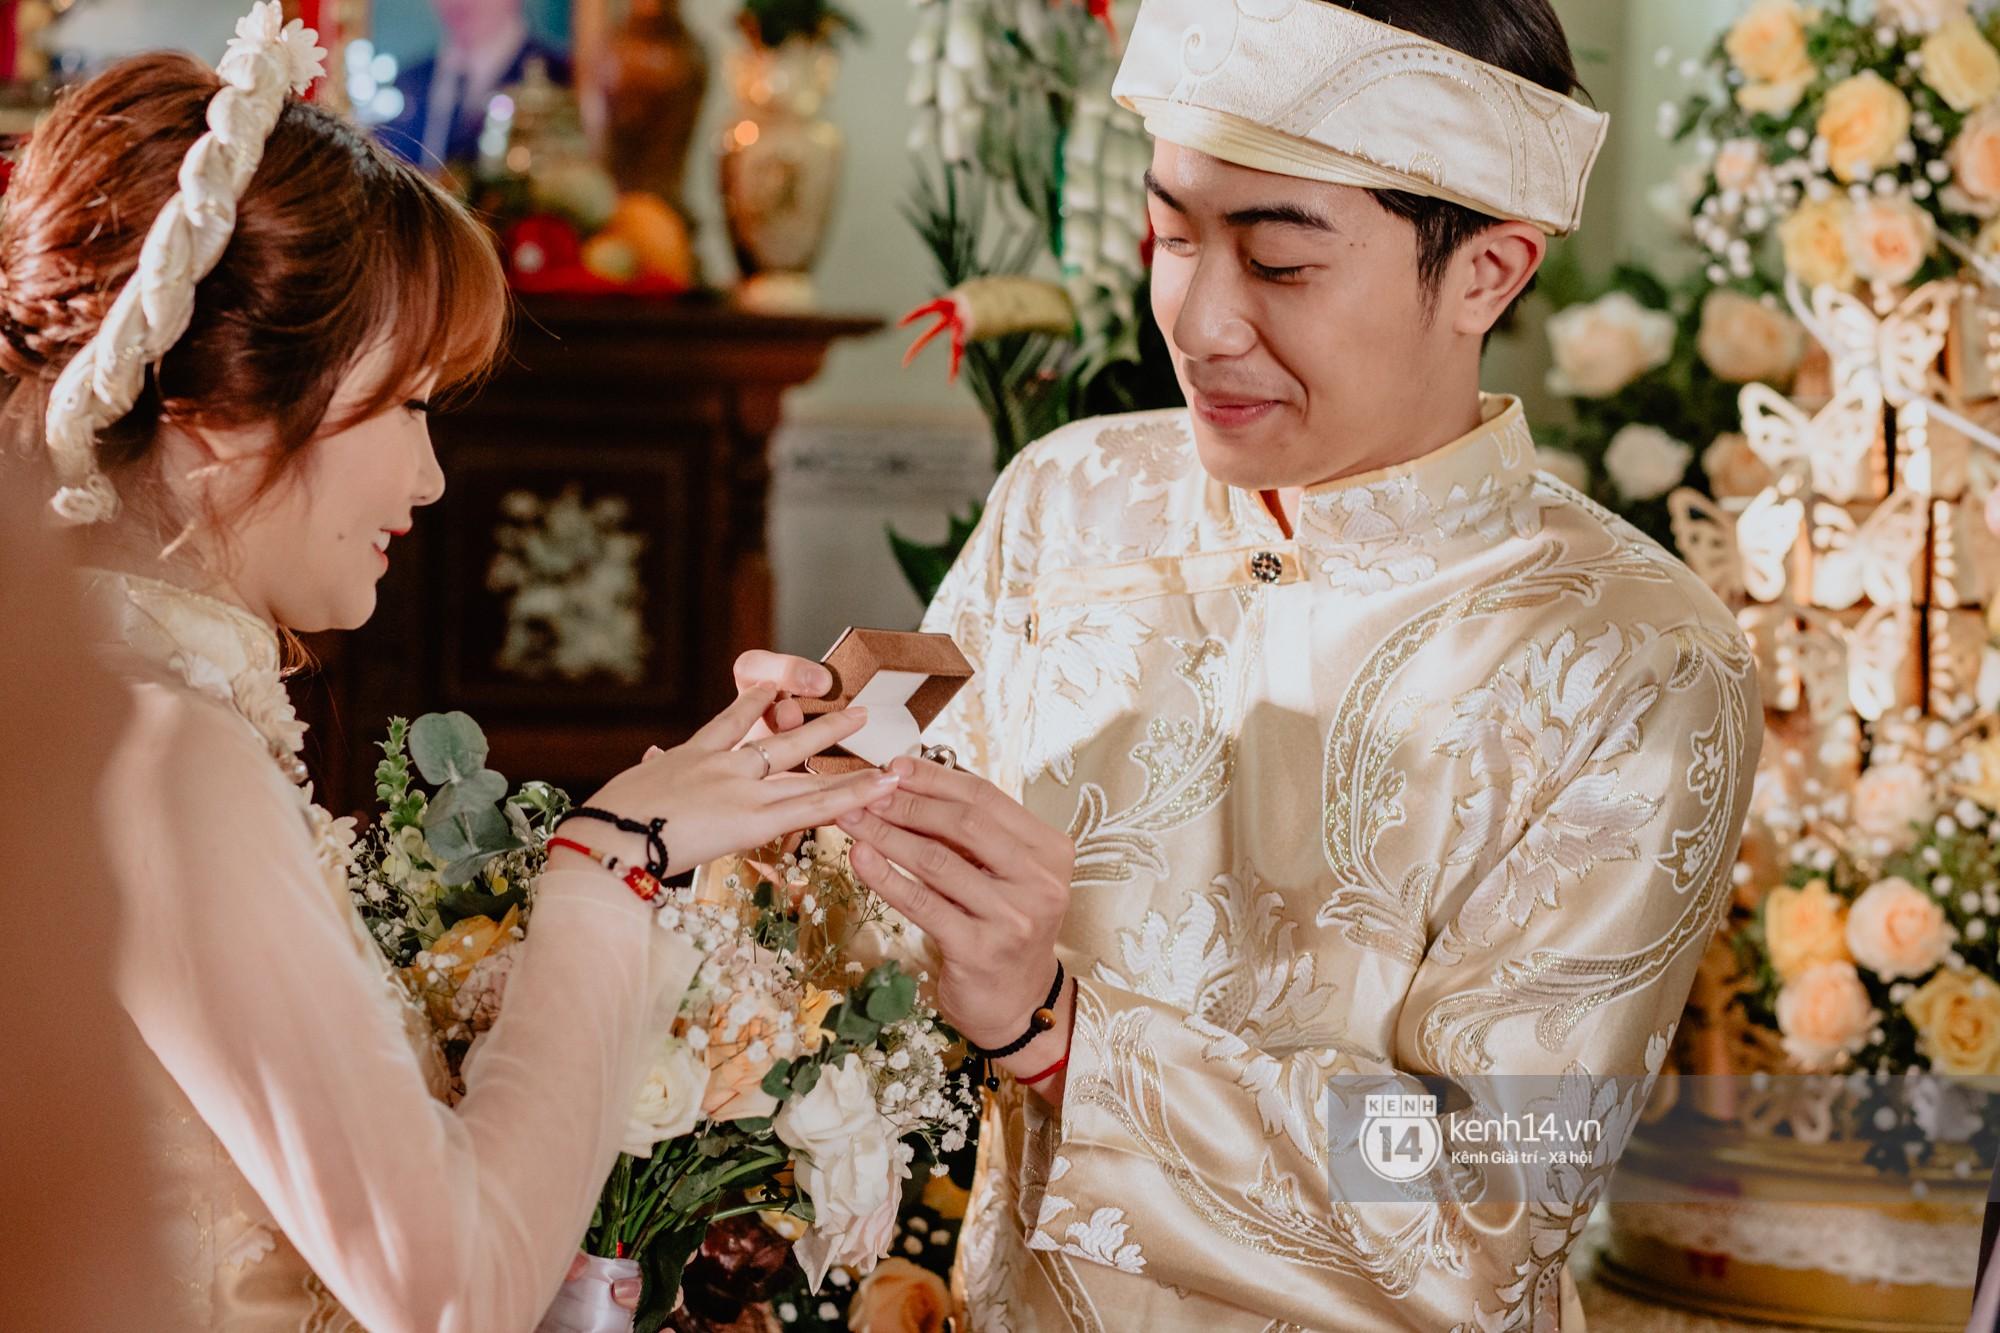 Xem hết một lượt những khoảnh khắc đẹp lịm tim của Cris Phan và Mai Quỳnh Anh: Cái kết đẹp của mối tình Chị ơi, anh yêu em! - Ảnh 3.